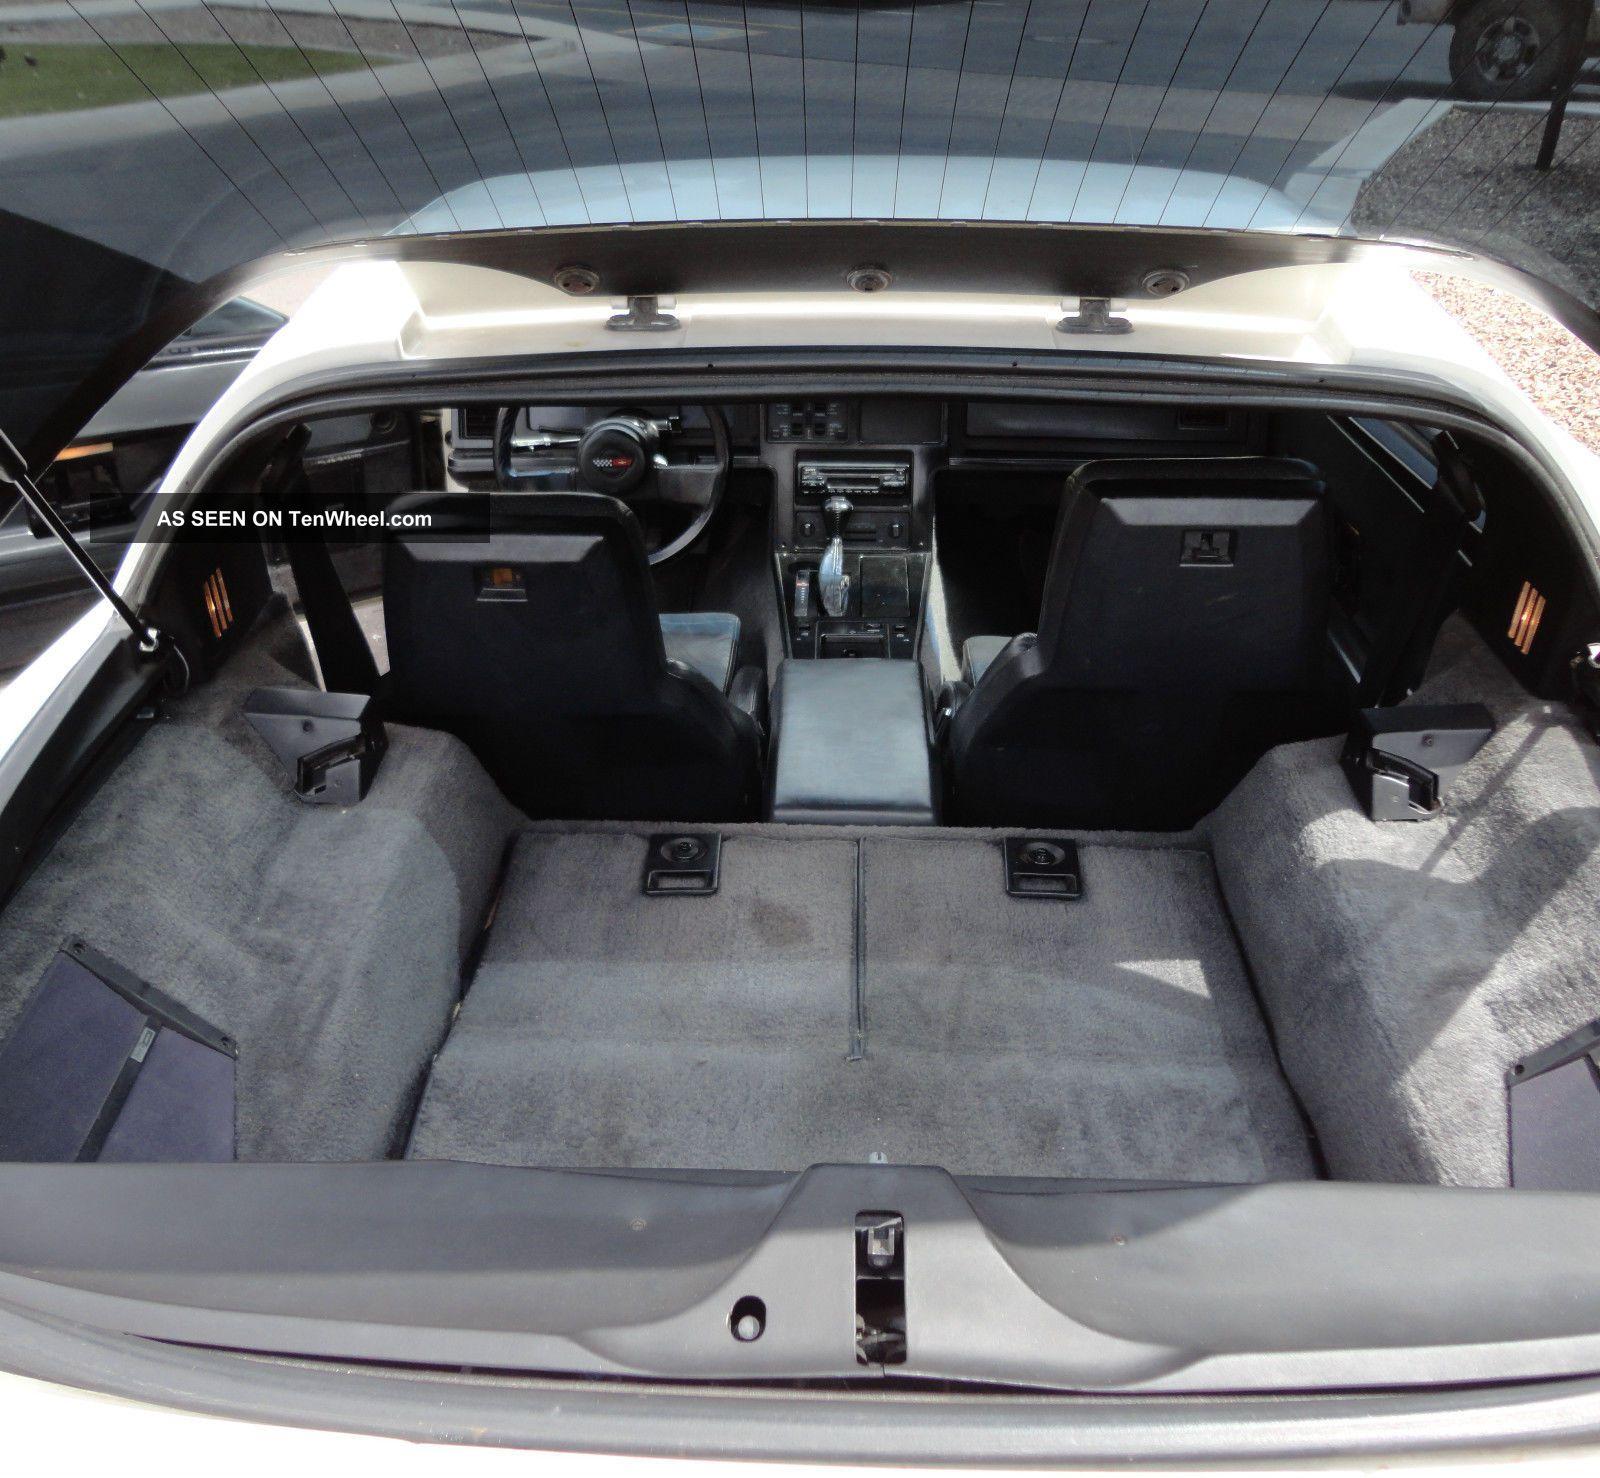 1994 Chevrolet Corvette Interior: 1984 Chevrolet Corvette Coupe White With Black Interior 84